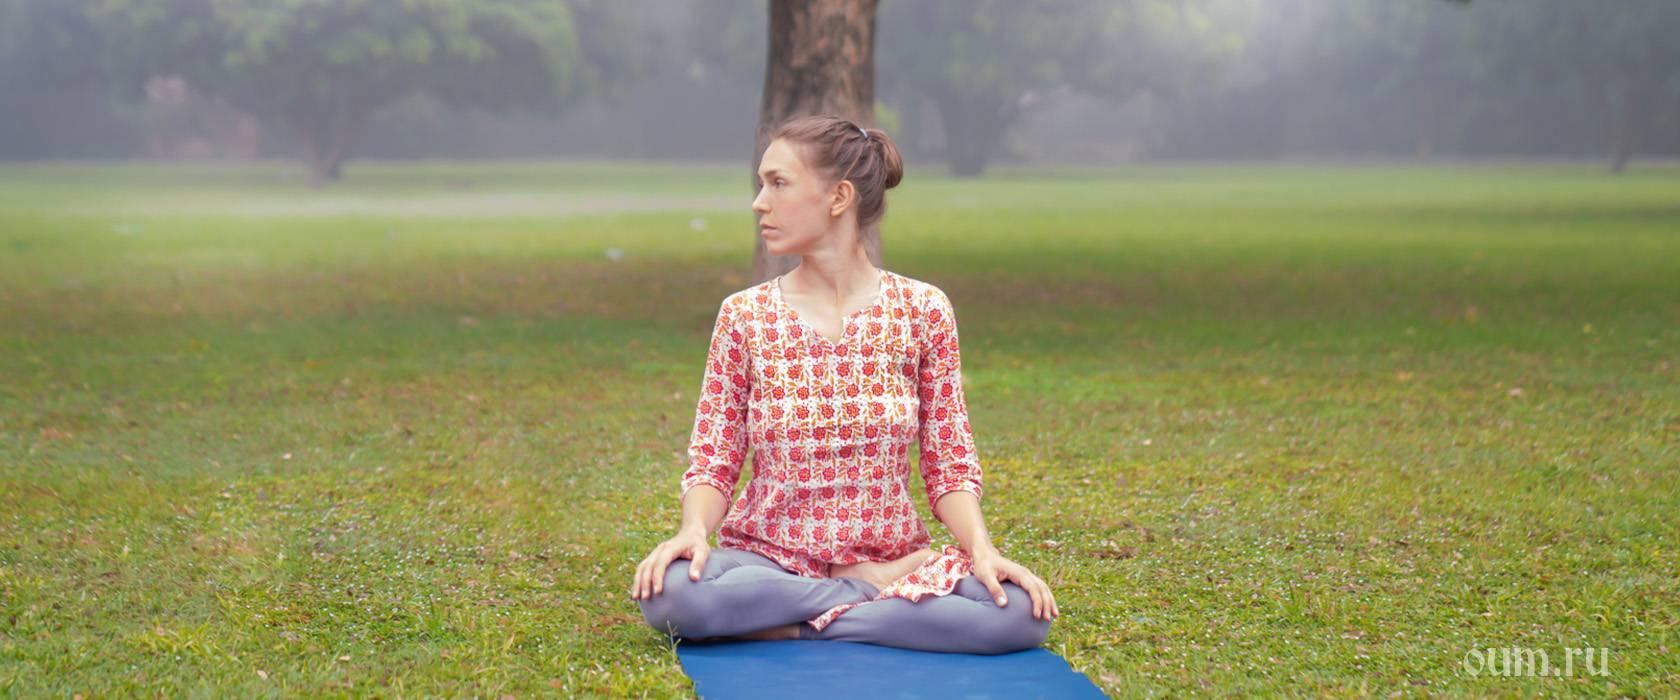 Что такое медитация? в чём польза медитации для начинающих и продолжающих?